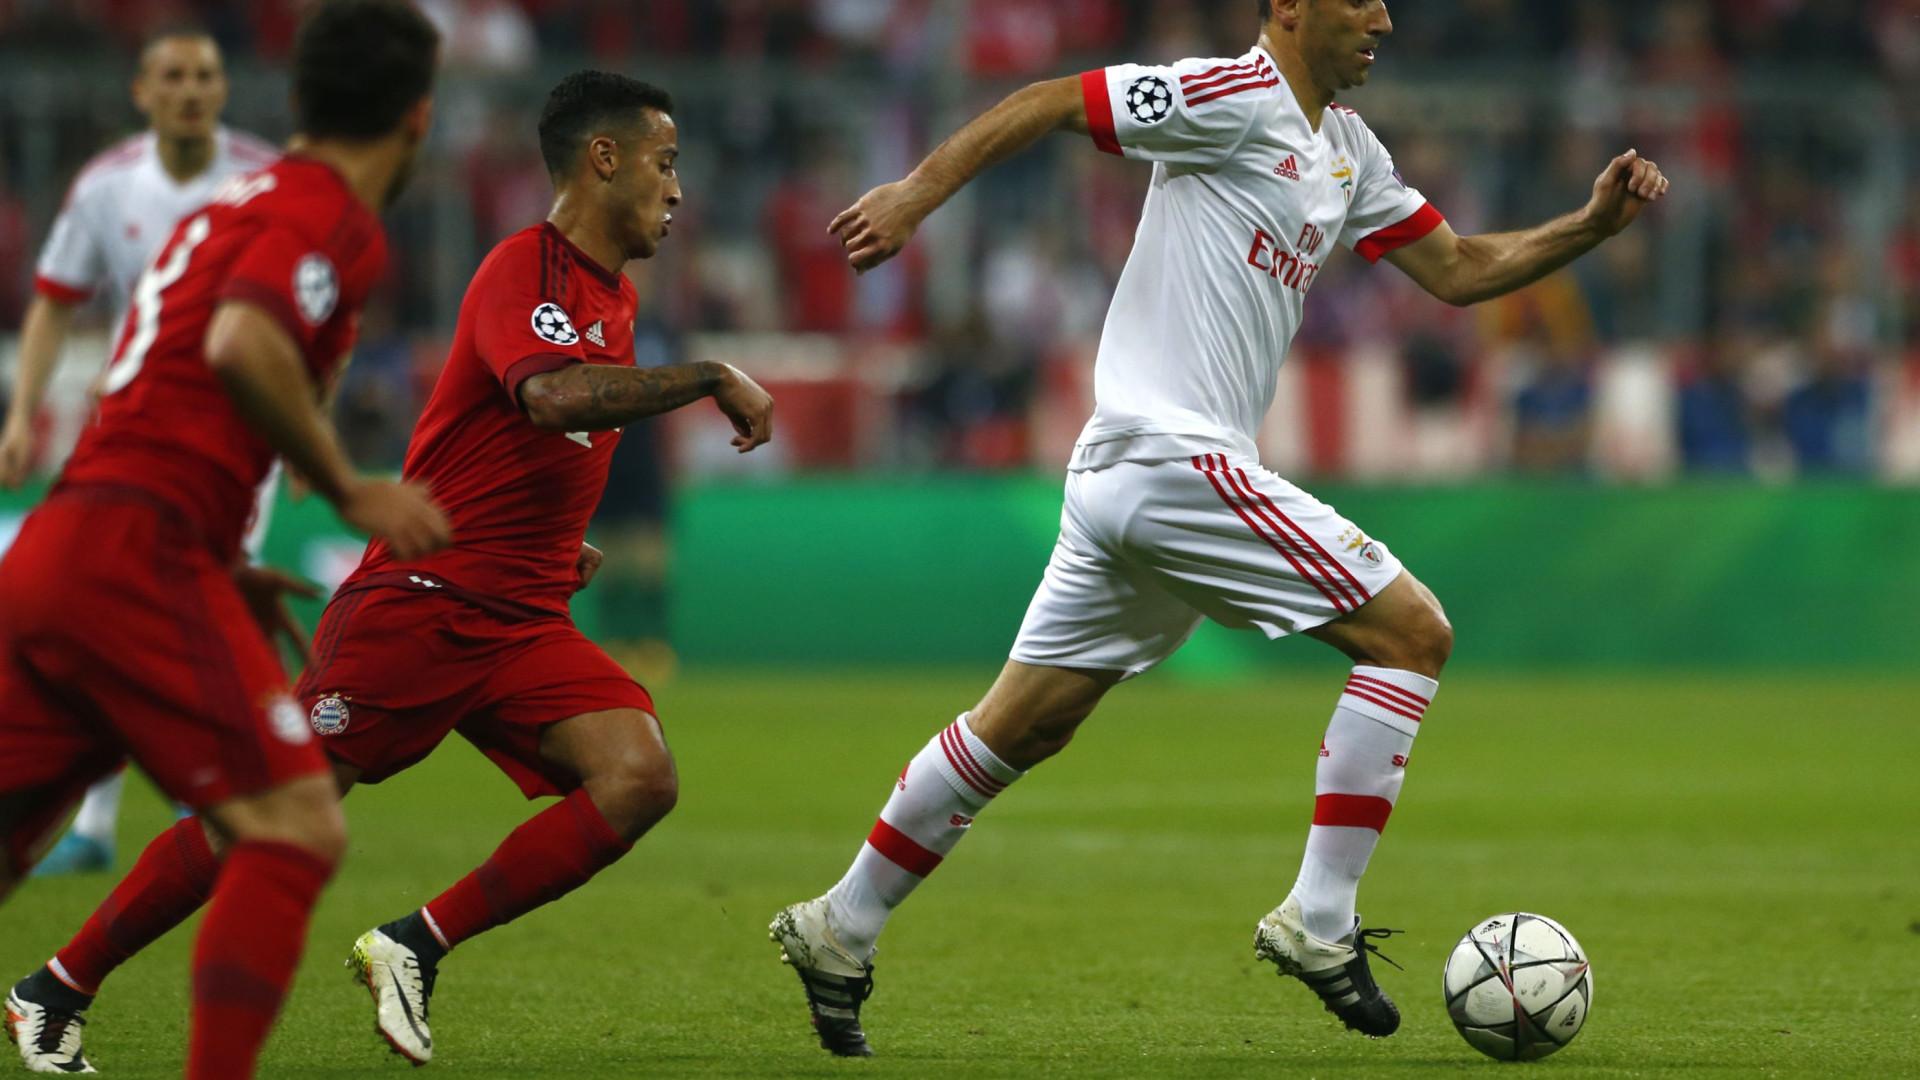 646bfd69e893a 004 Missão possível  Milagre obriga Benfica a triunfo inédito em Munique